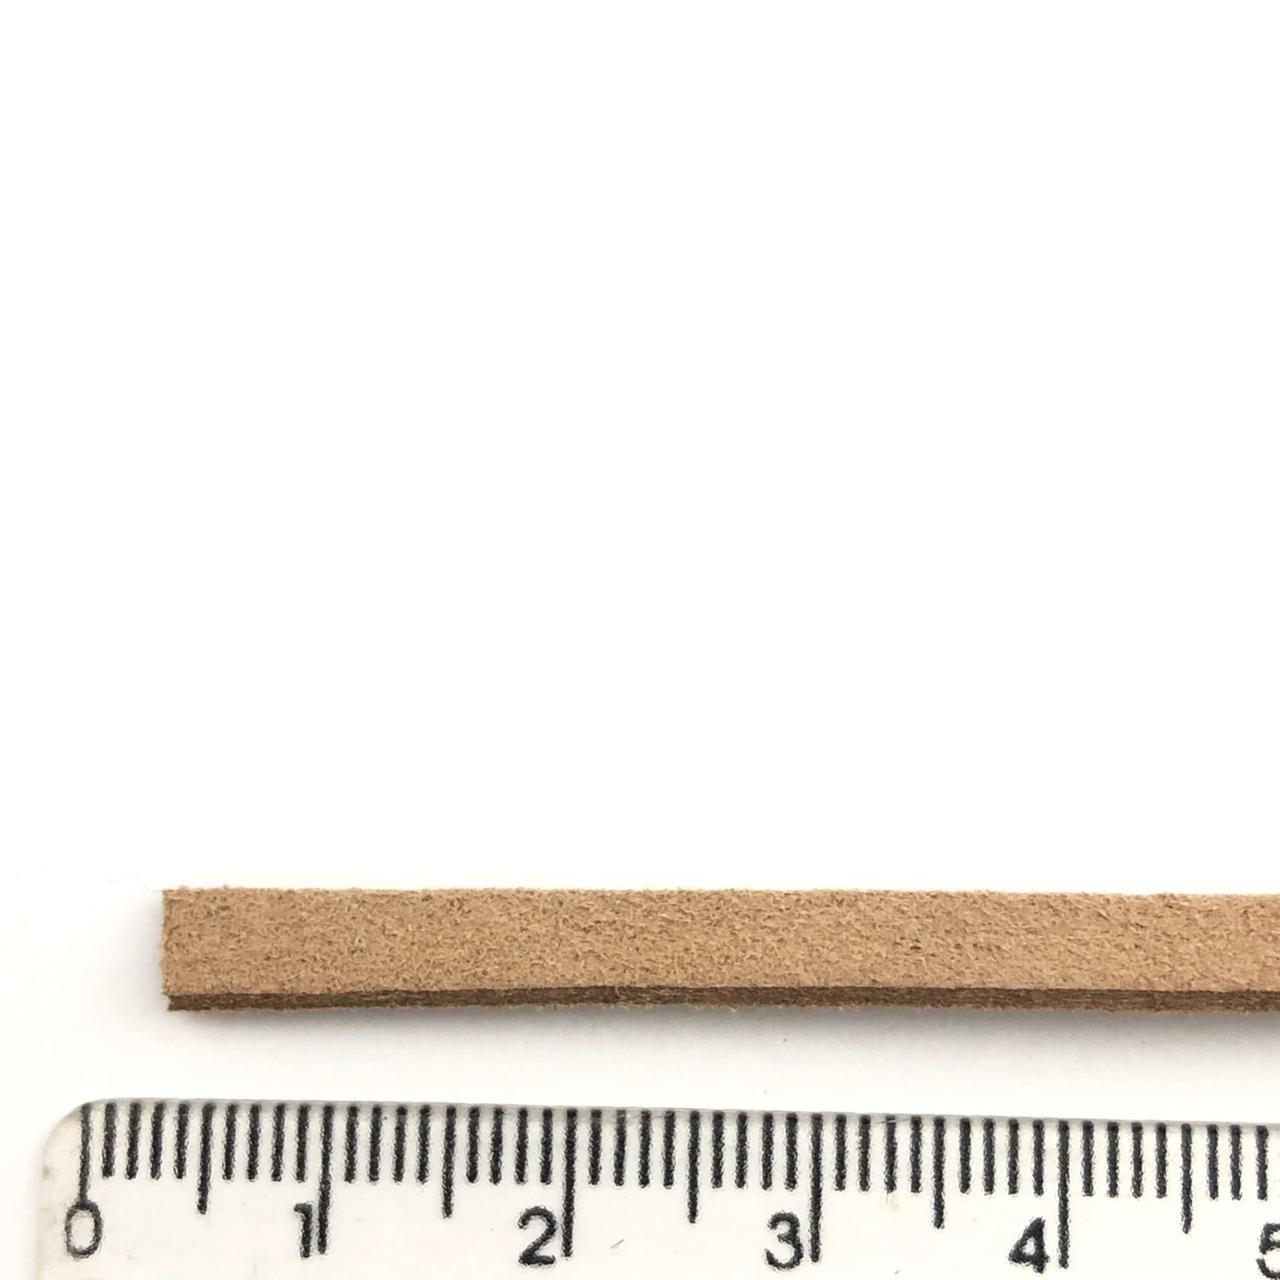 CM80 - Cordão de camurça 5mm Marrom Siena - 1metro